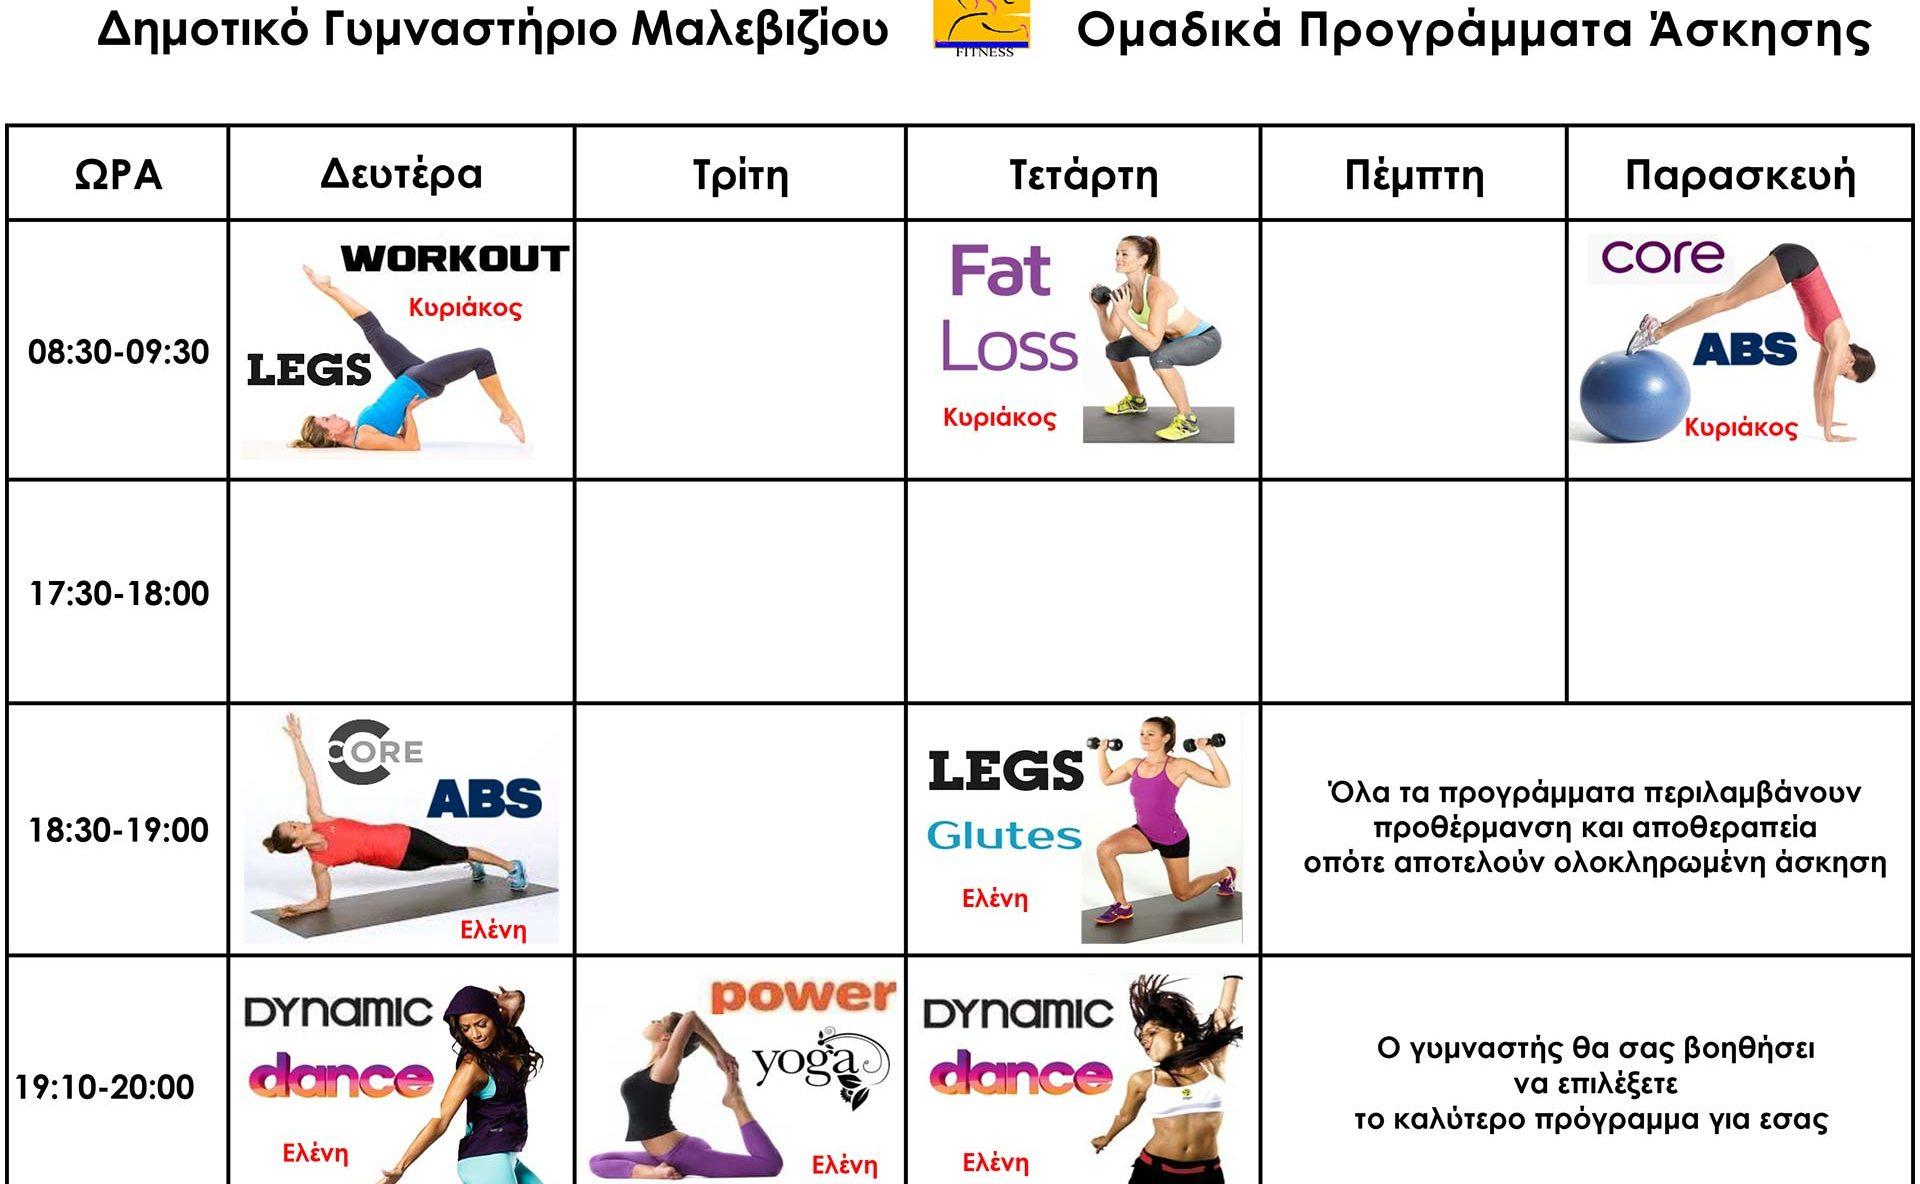 Ομαδικά Προγράμματα Άσκησης